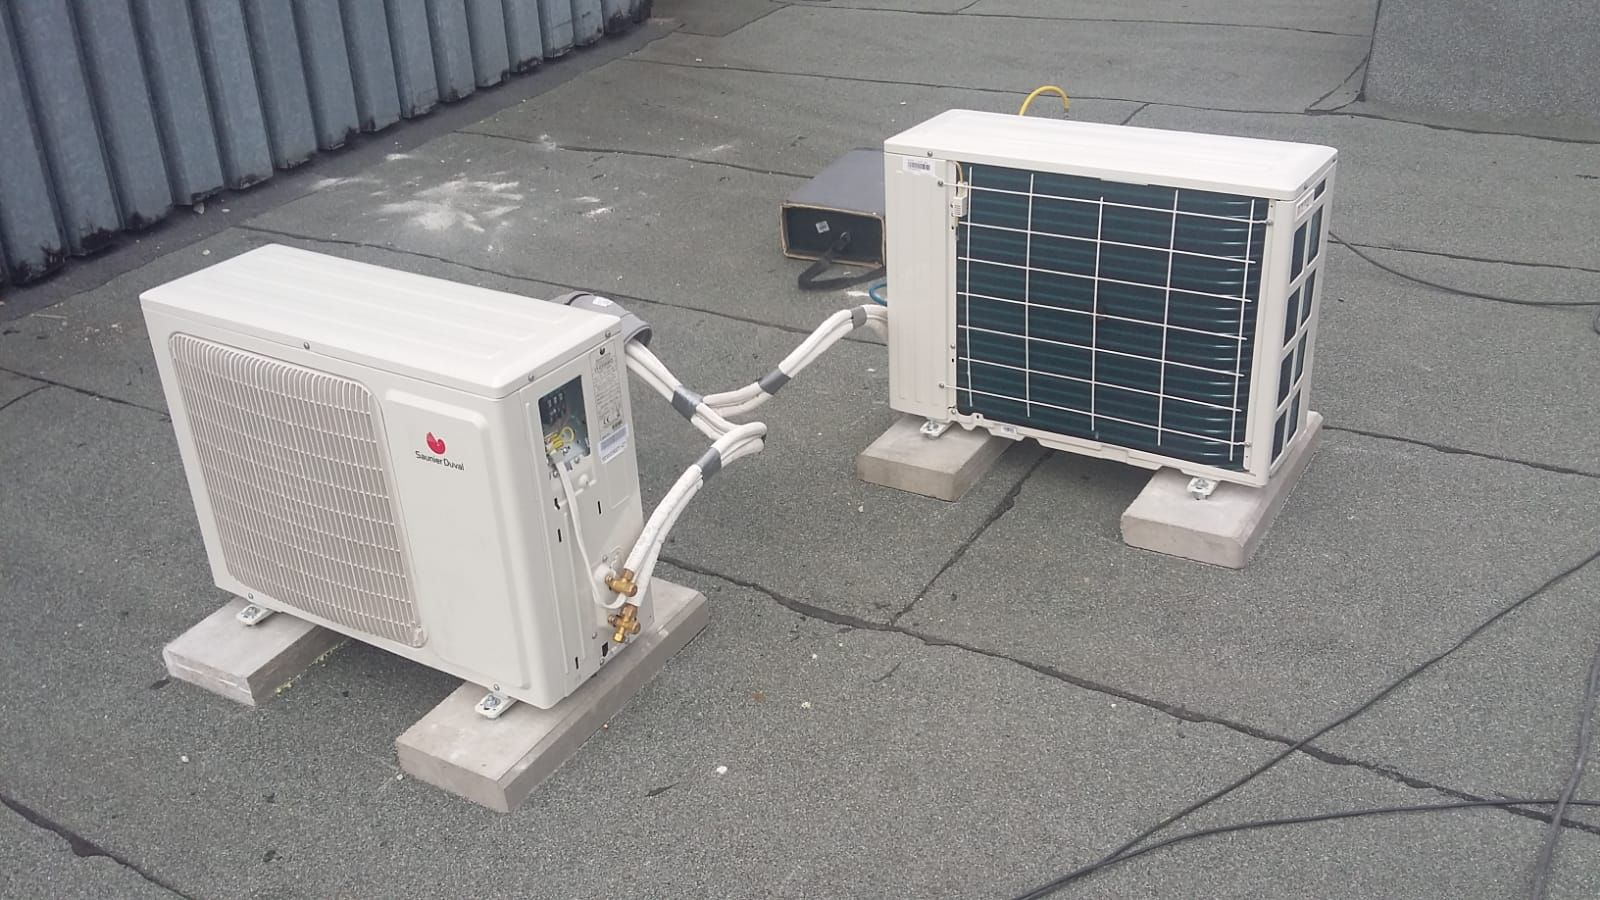 Instalacja klimatyzacji.